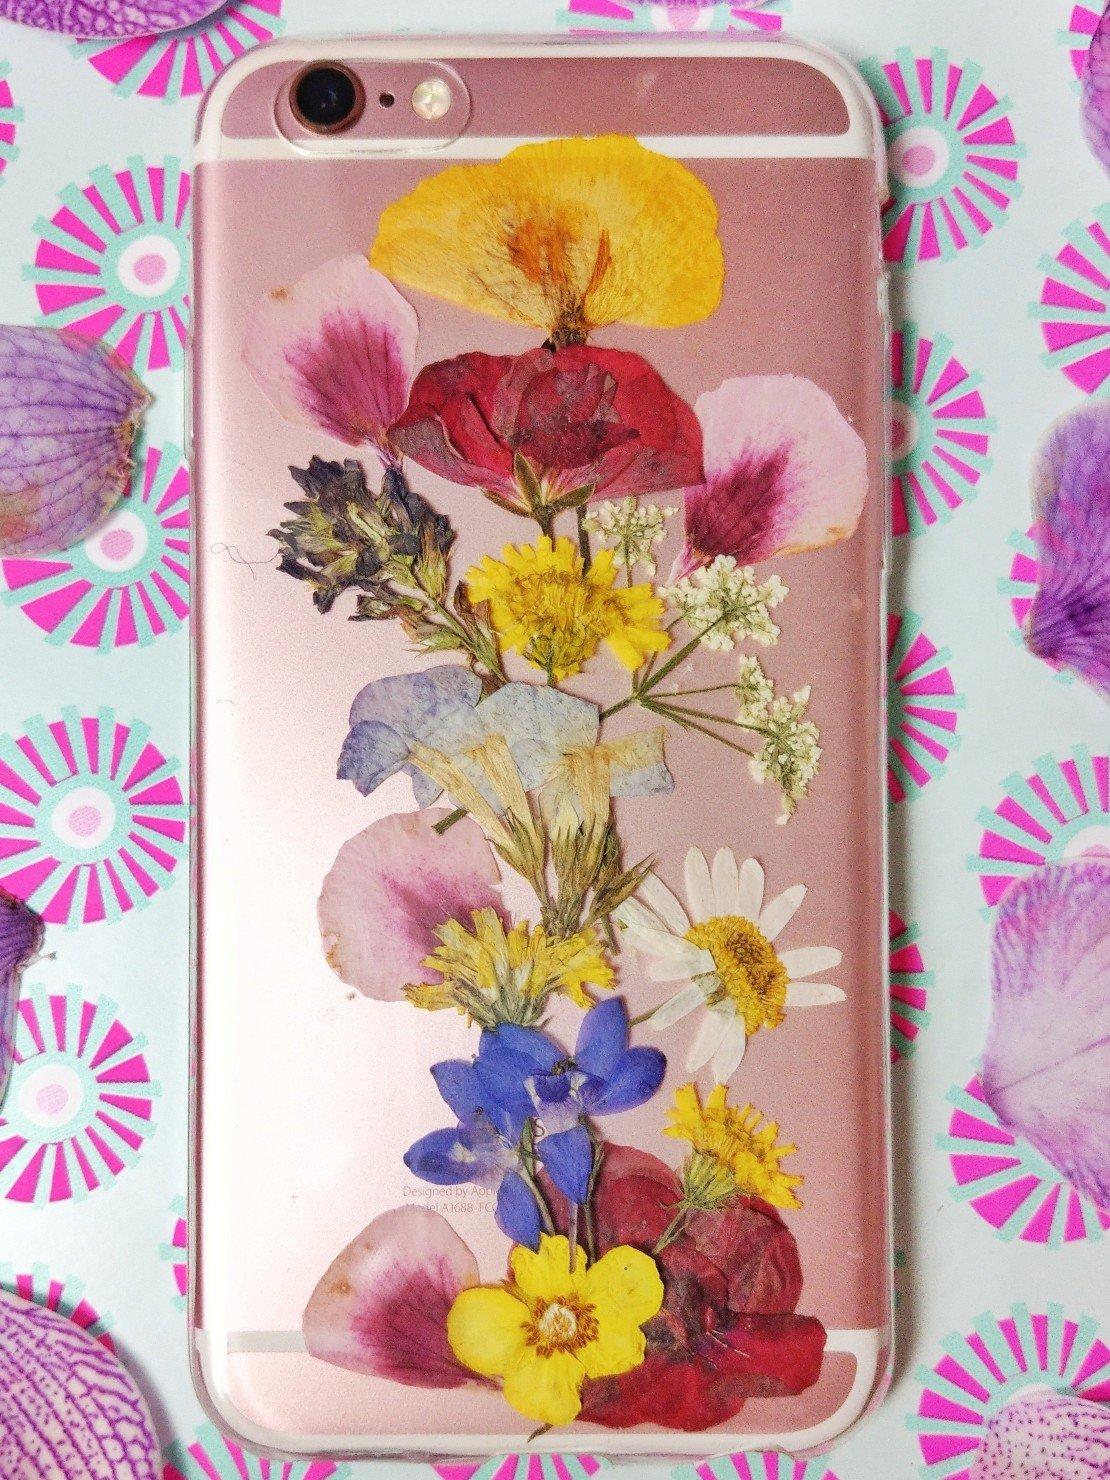 Eine Handyhülle könnt ihr mit getrockneten Blumen ganz einfach aufpimpen